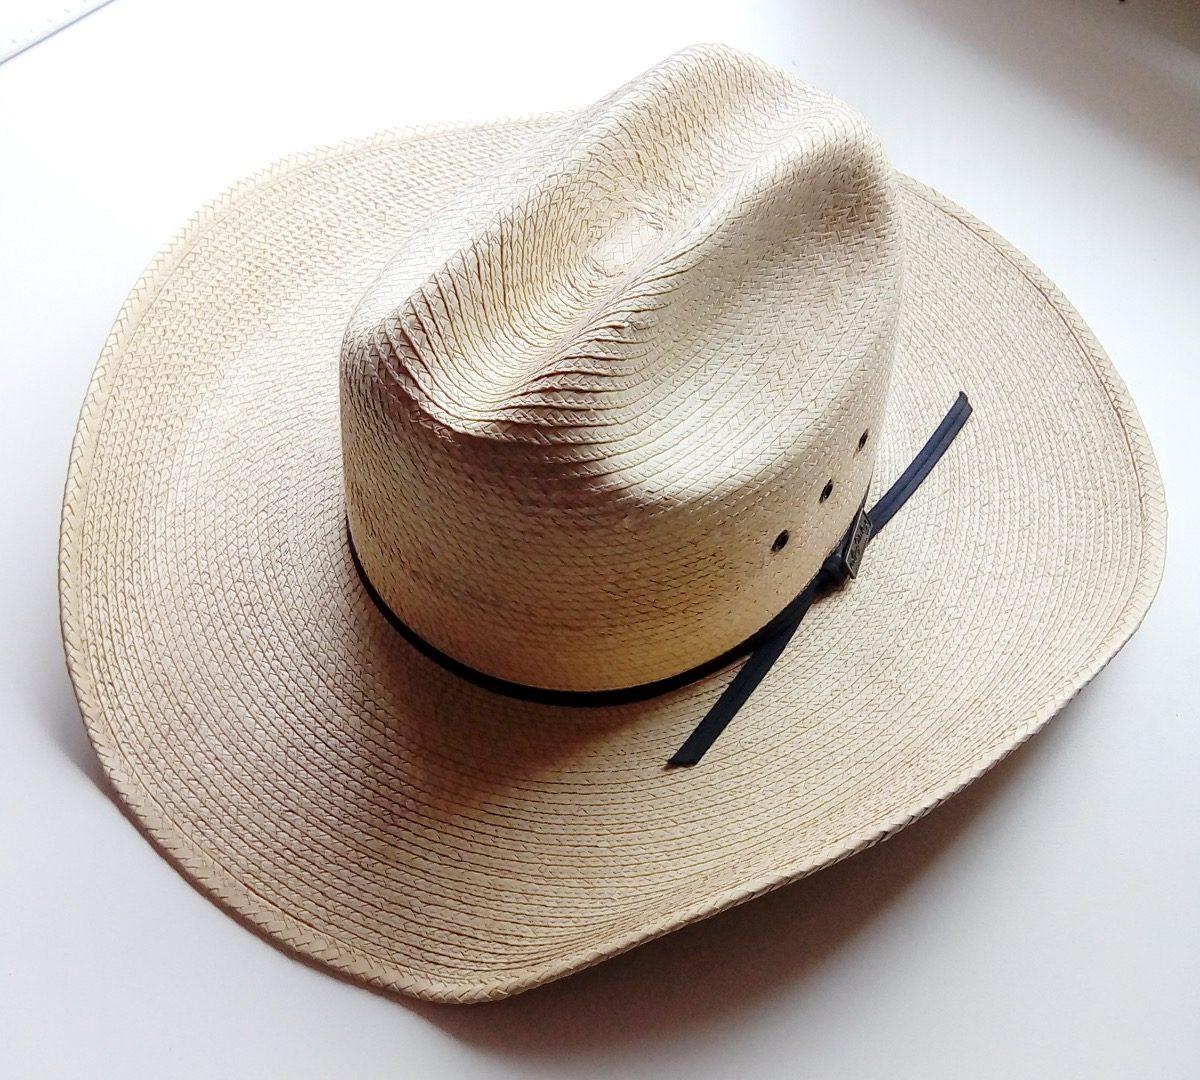 Sombrero cowboy larry mahan importado texas usa de palmera cargando zoom  jpg 1200x1080 Sombrero cowboy hat cb6b60eedfd